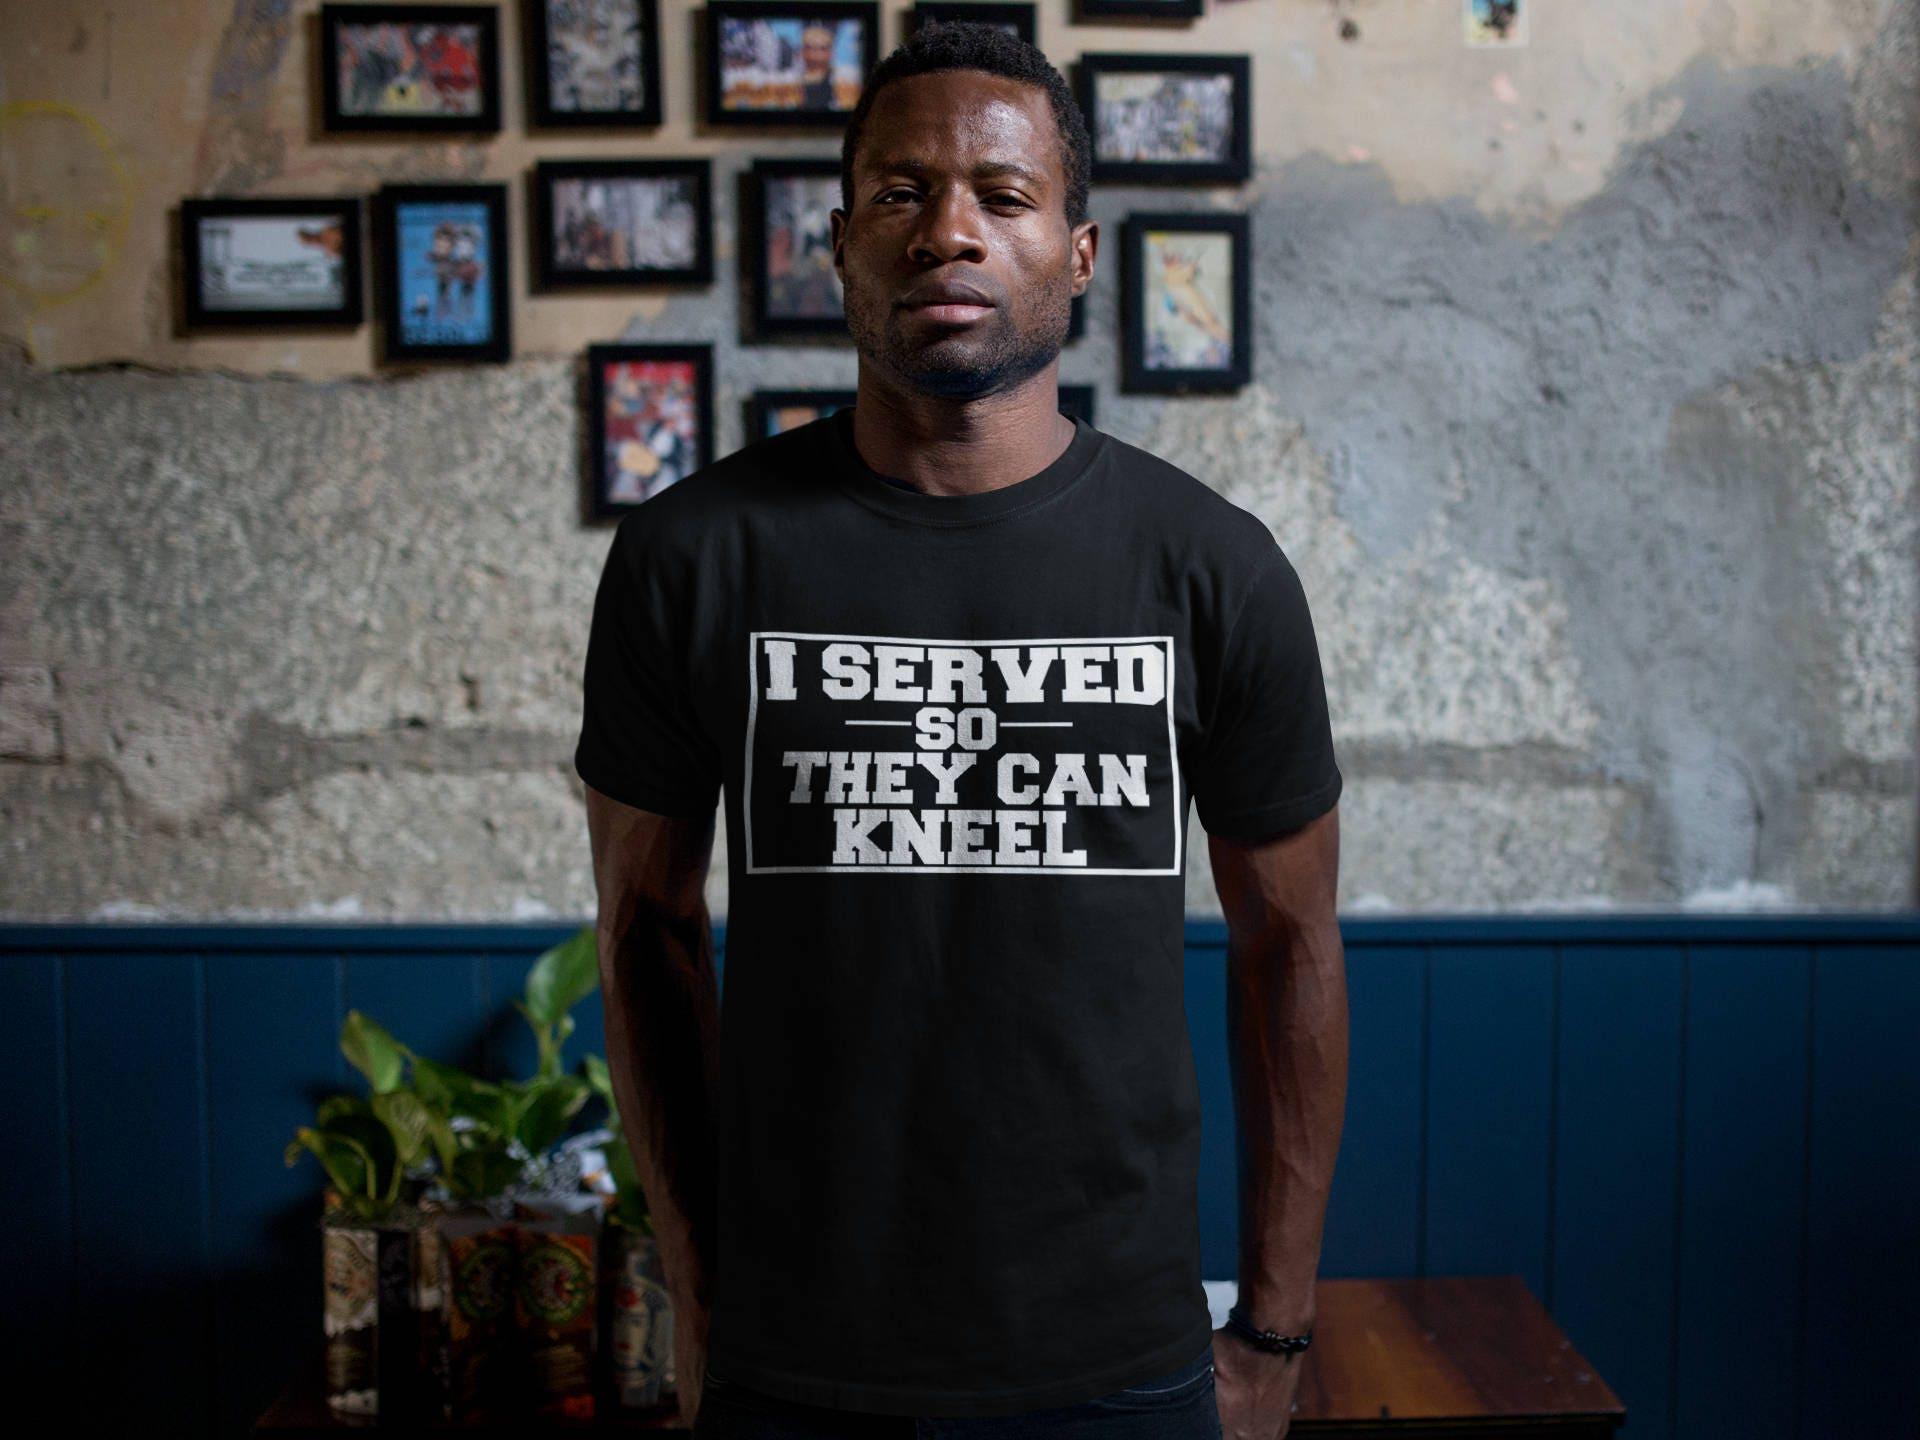 I Served t-shirt Colin Kaepernick  08e4577154fd